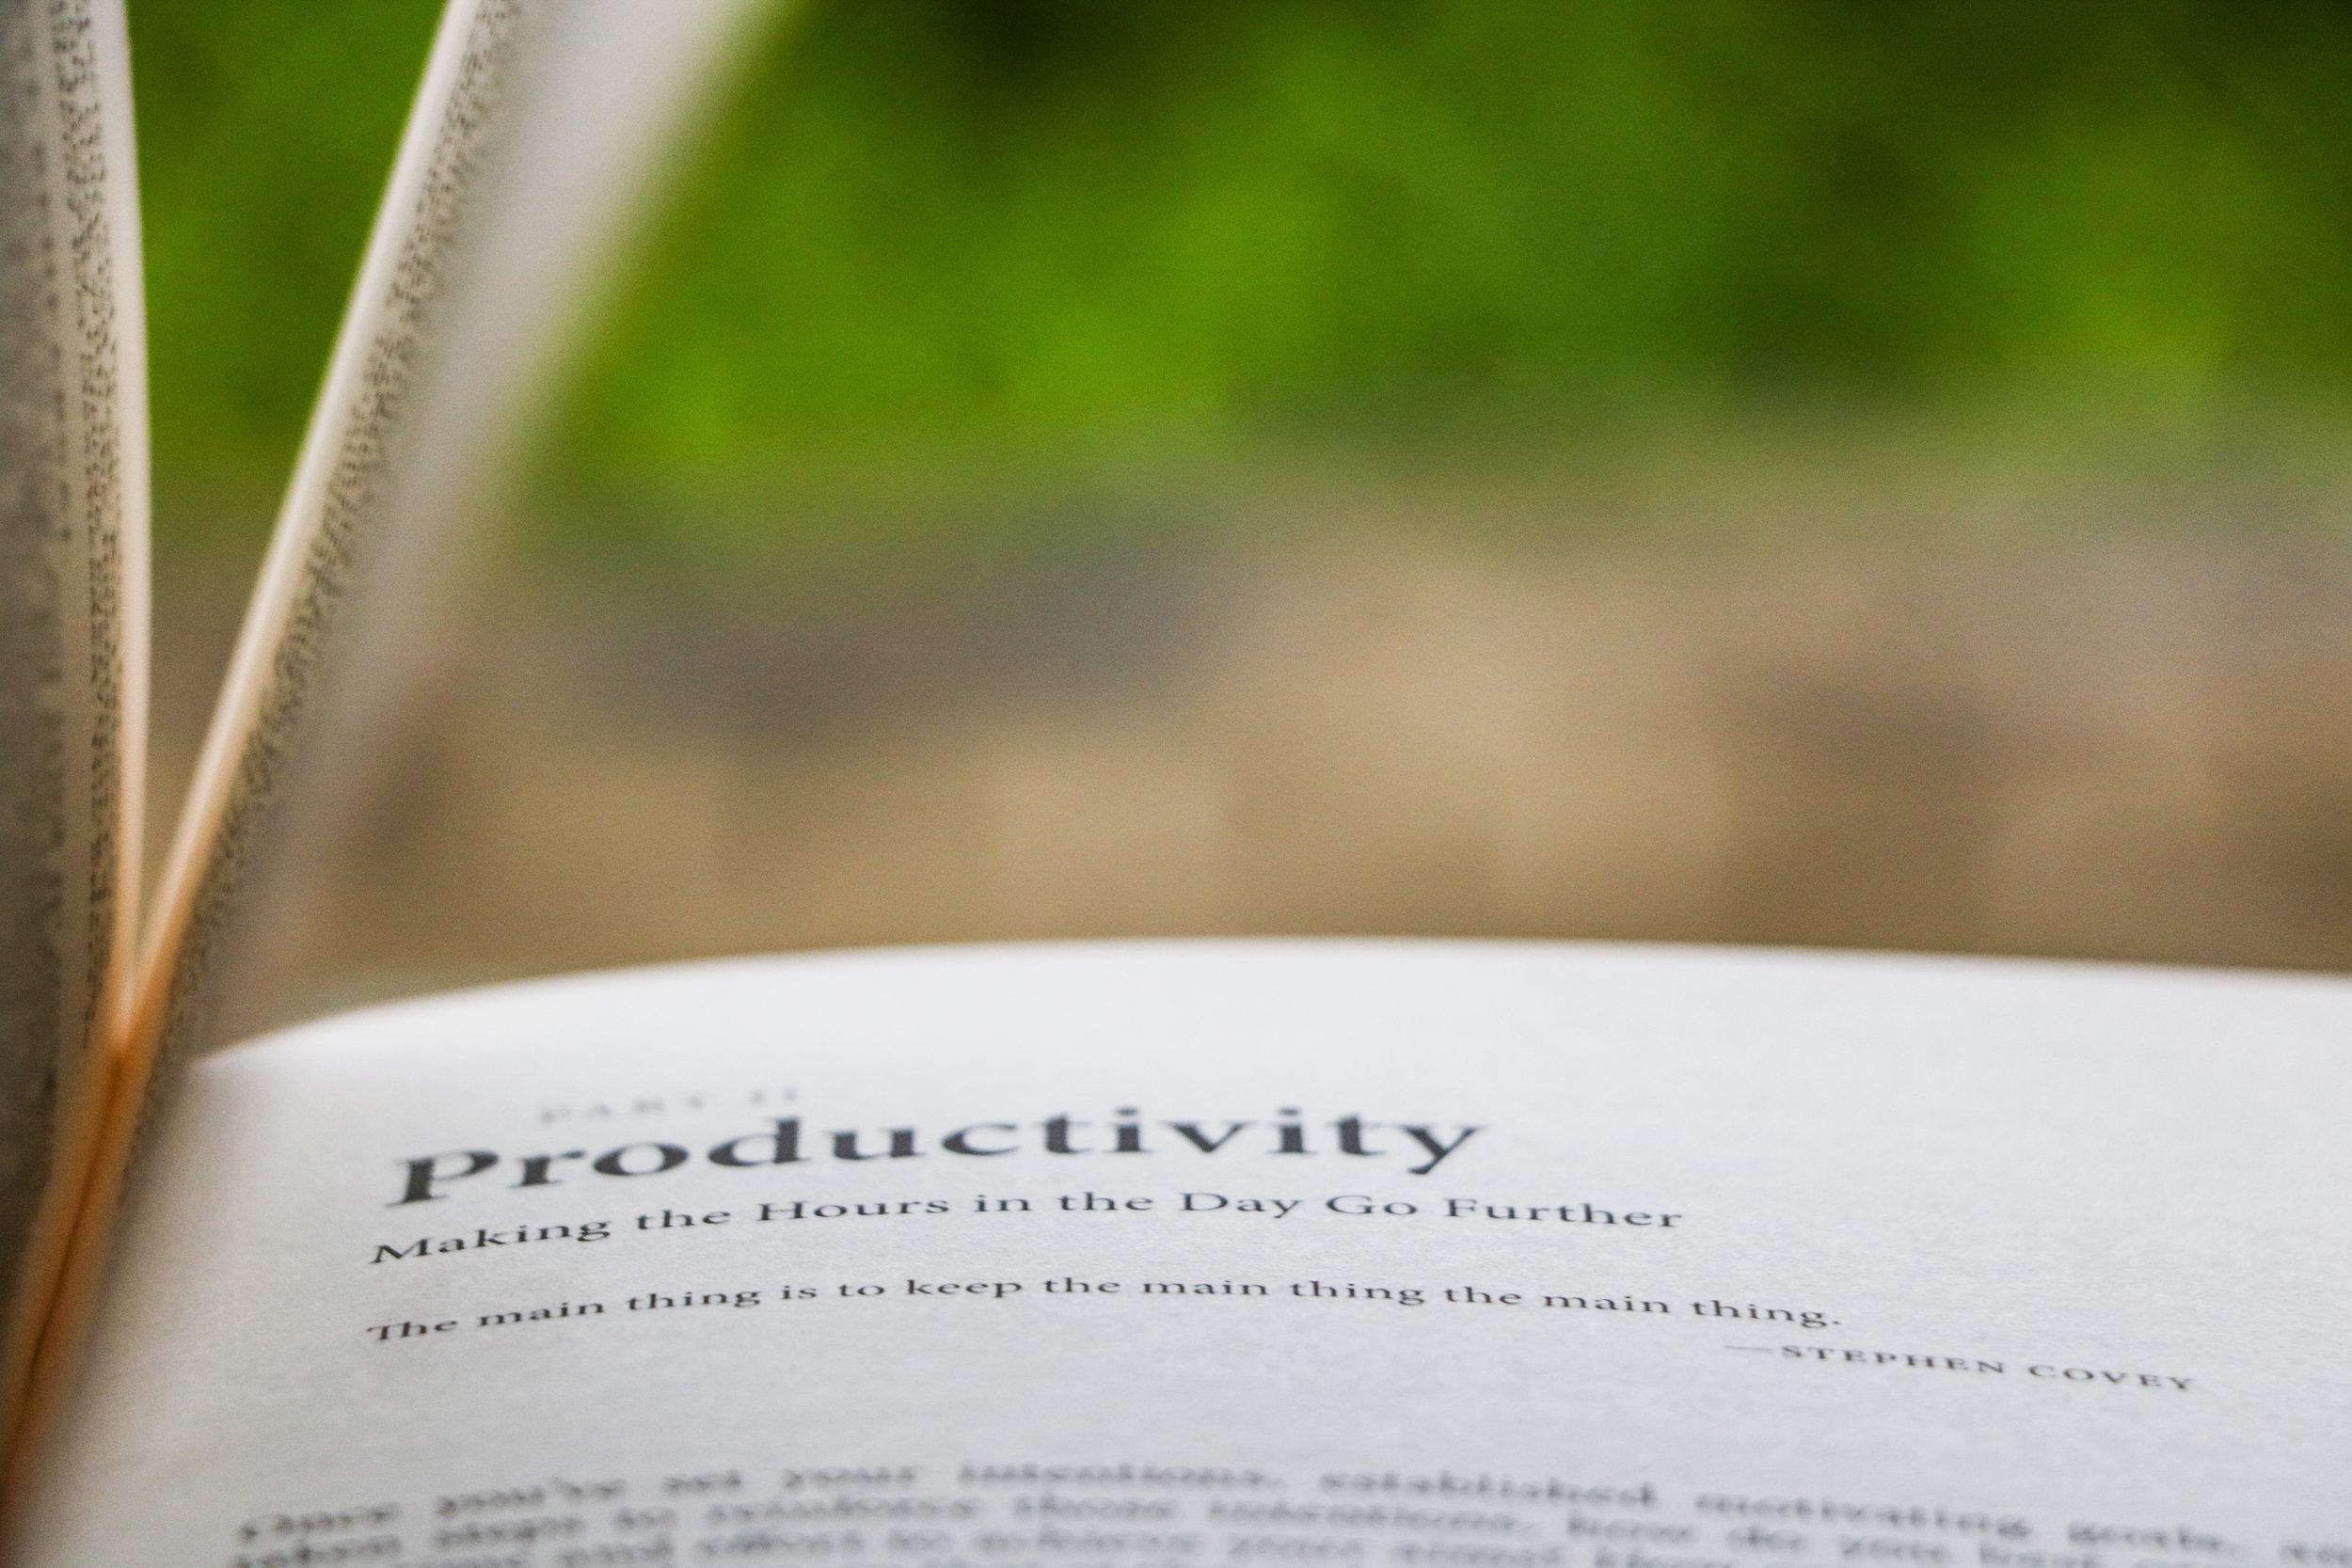 Productivity -